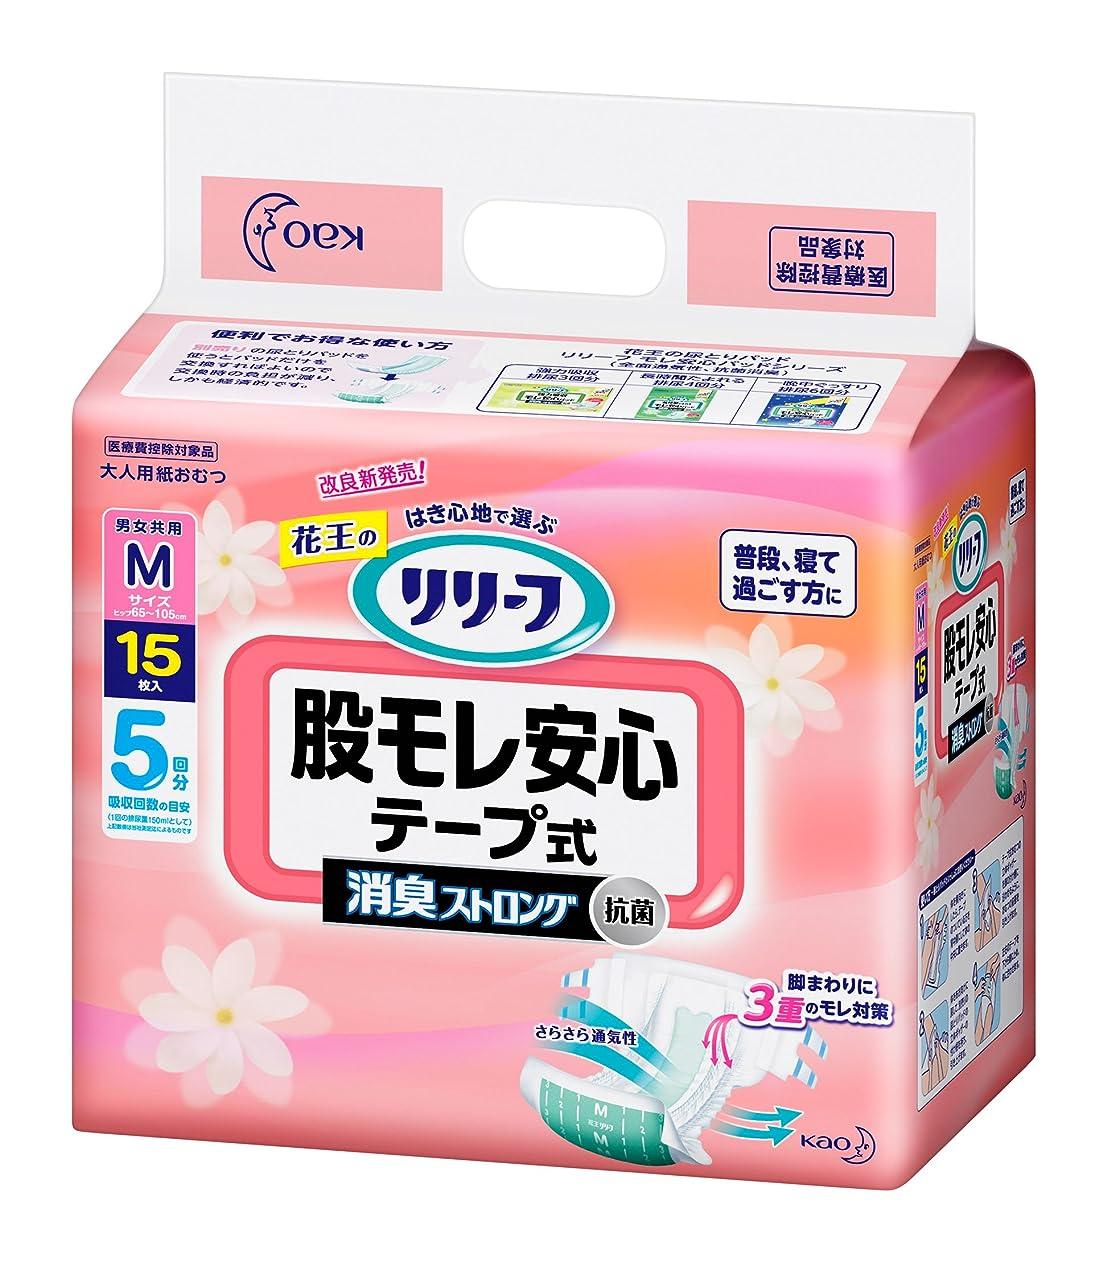 媒染剤フェローシップレンドリリーフ 股モレ安心テープ M 15枚【ADL区分:寝て過ごす事が多い方】